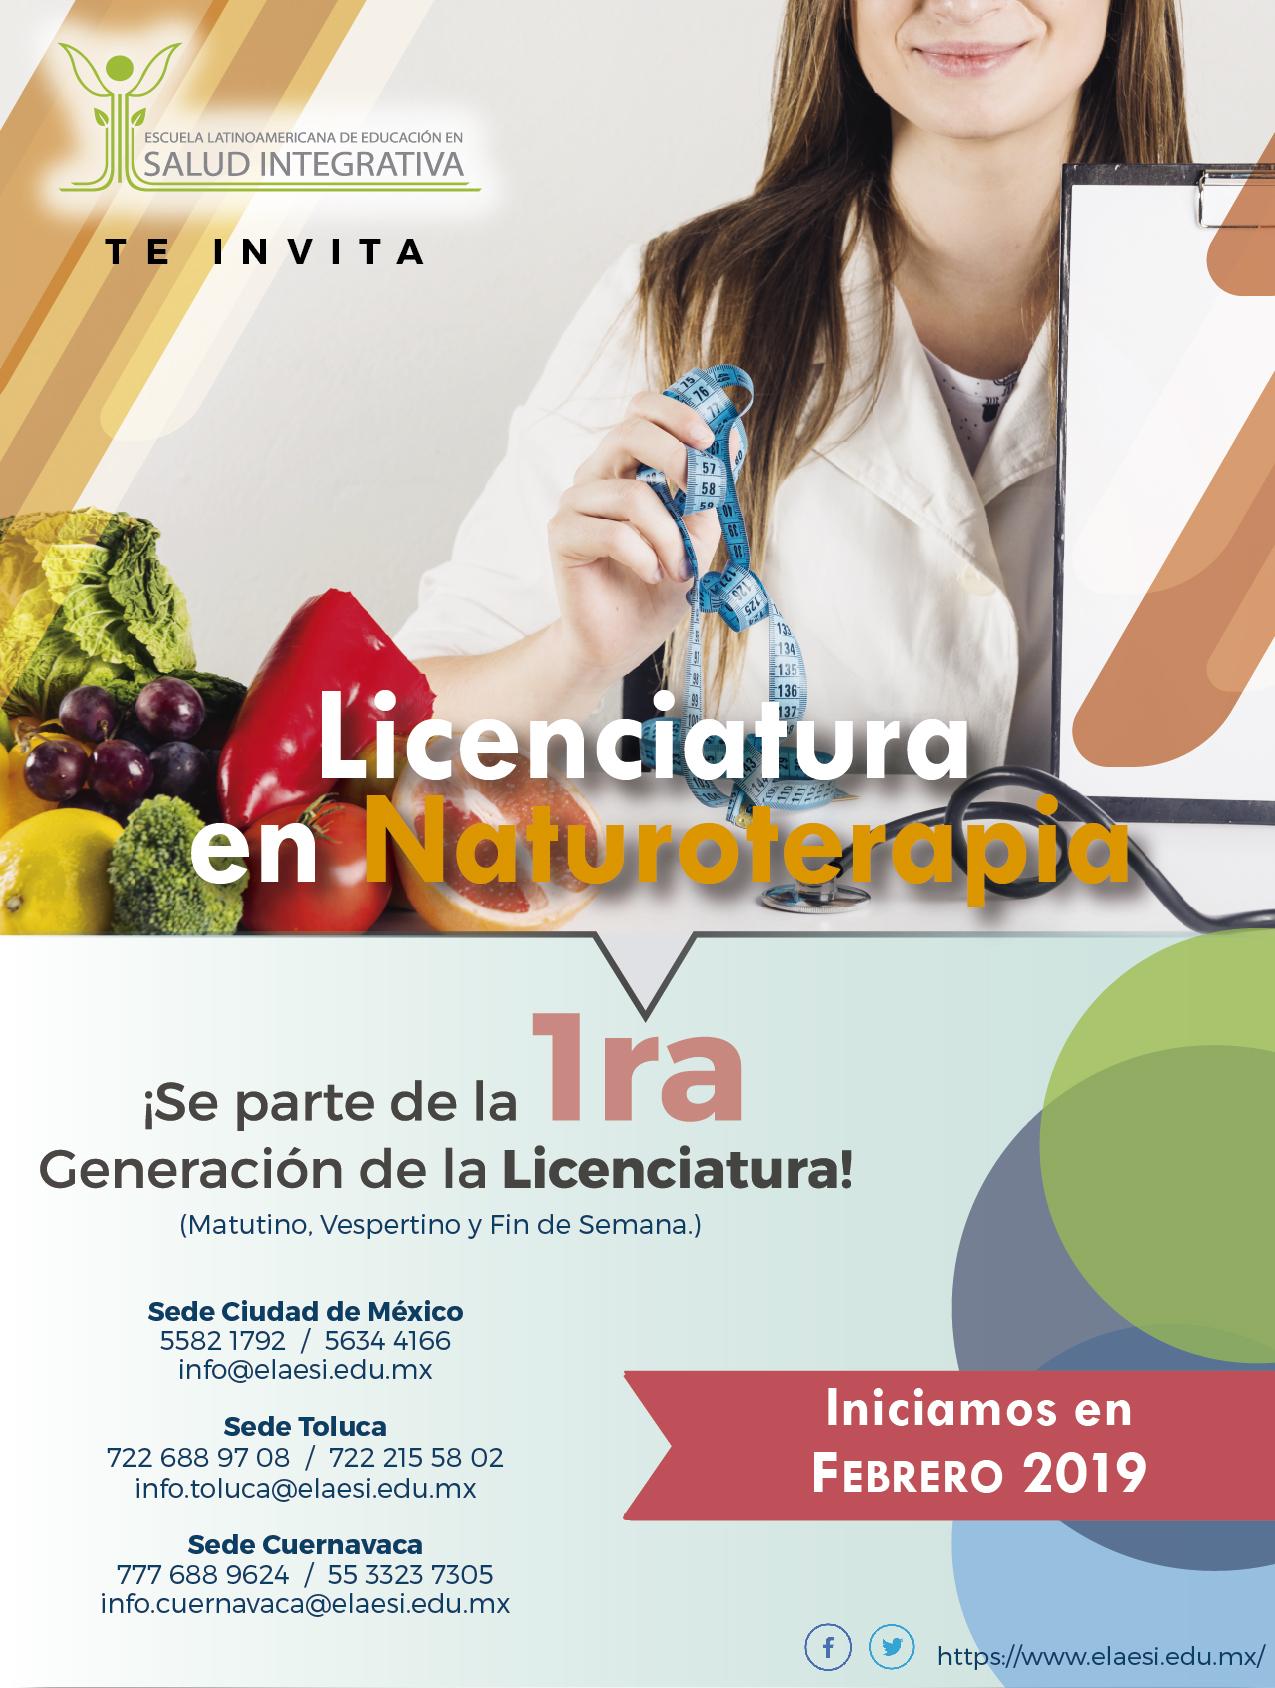 Nueva Licenciatura en naturoterapia. ELAESI